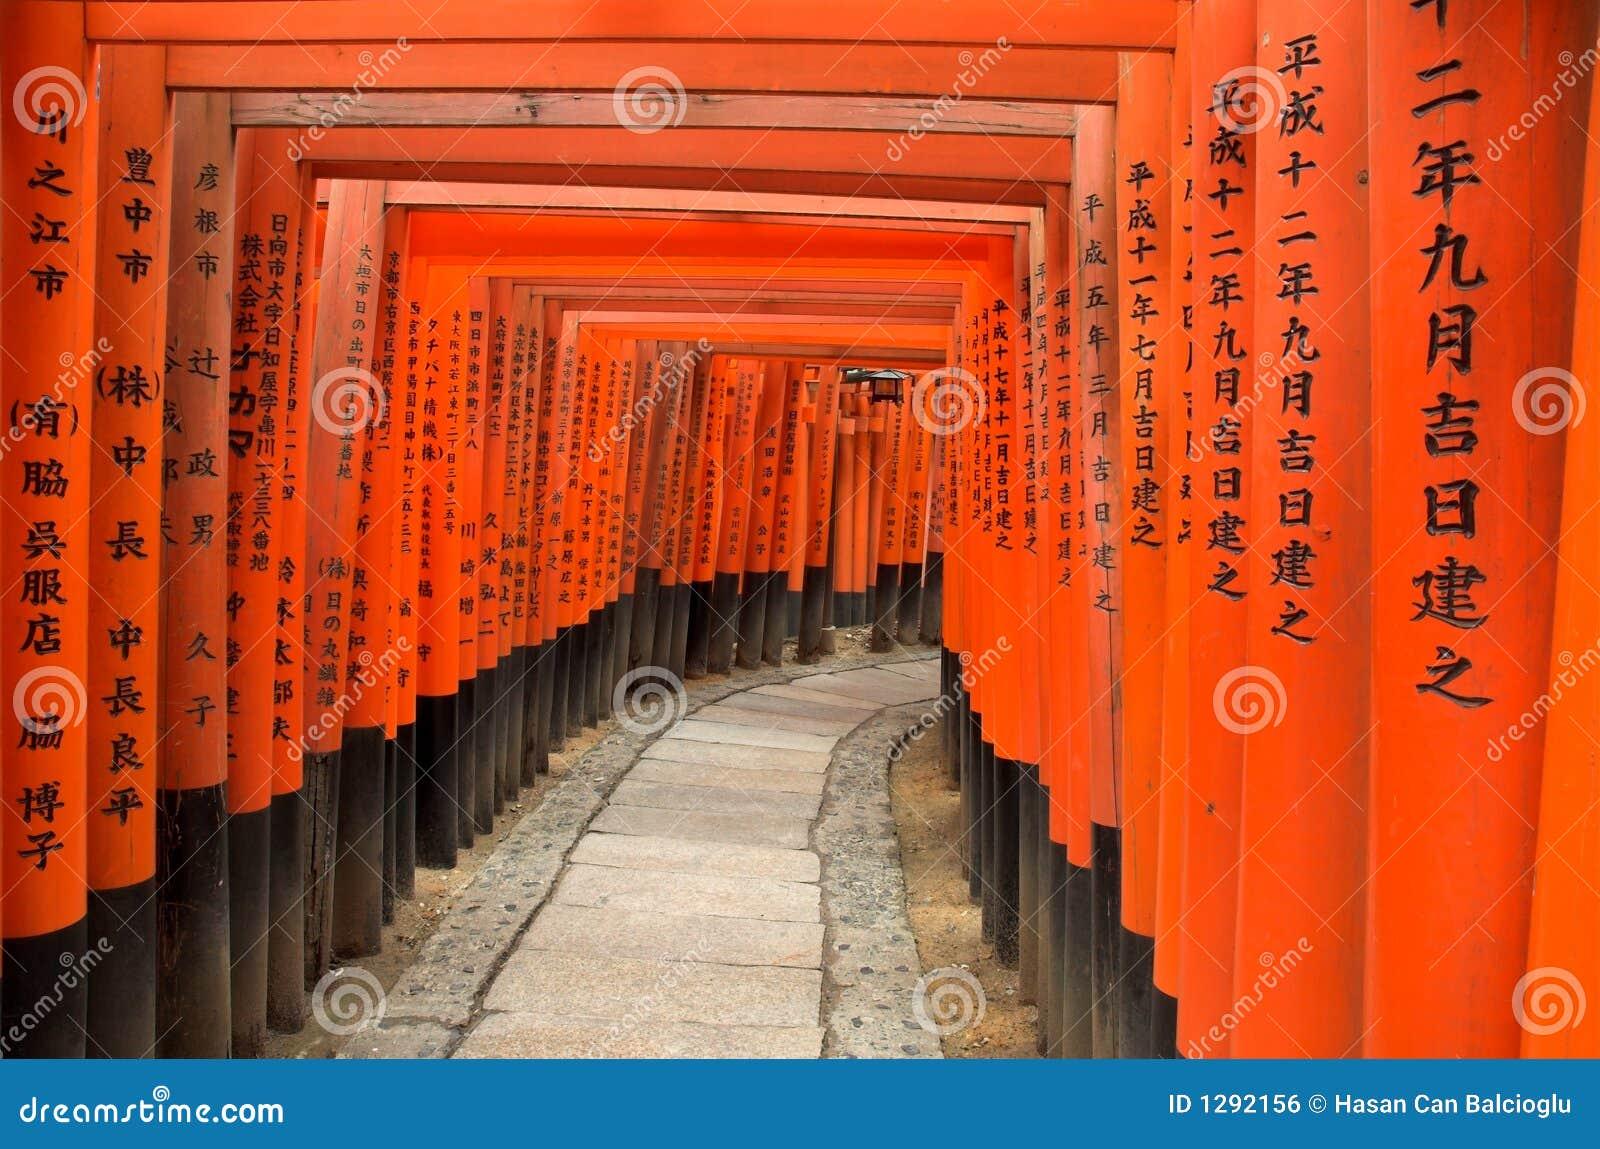 Las puertas de Torii de Fushimi Inari Shrine en Kyoto, Japón